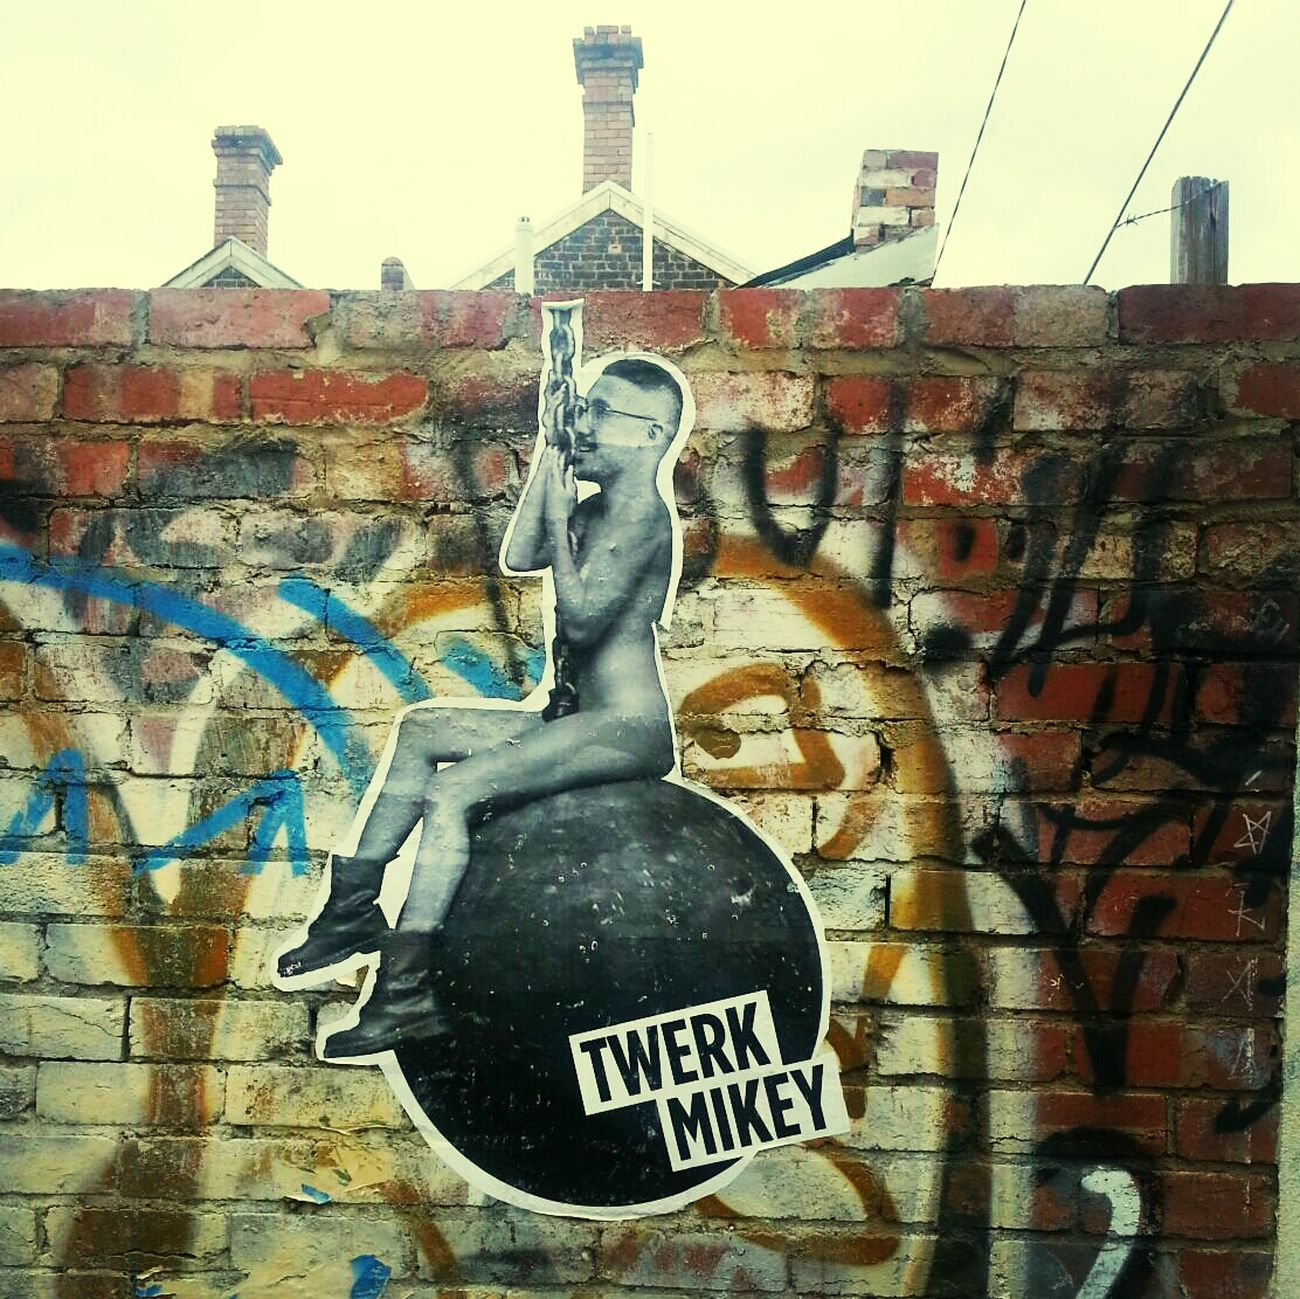 Pasteup Streetart parody of Miley Cyrus & Twerking